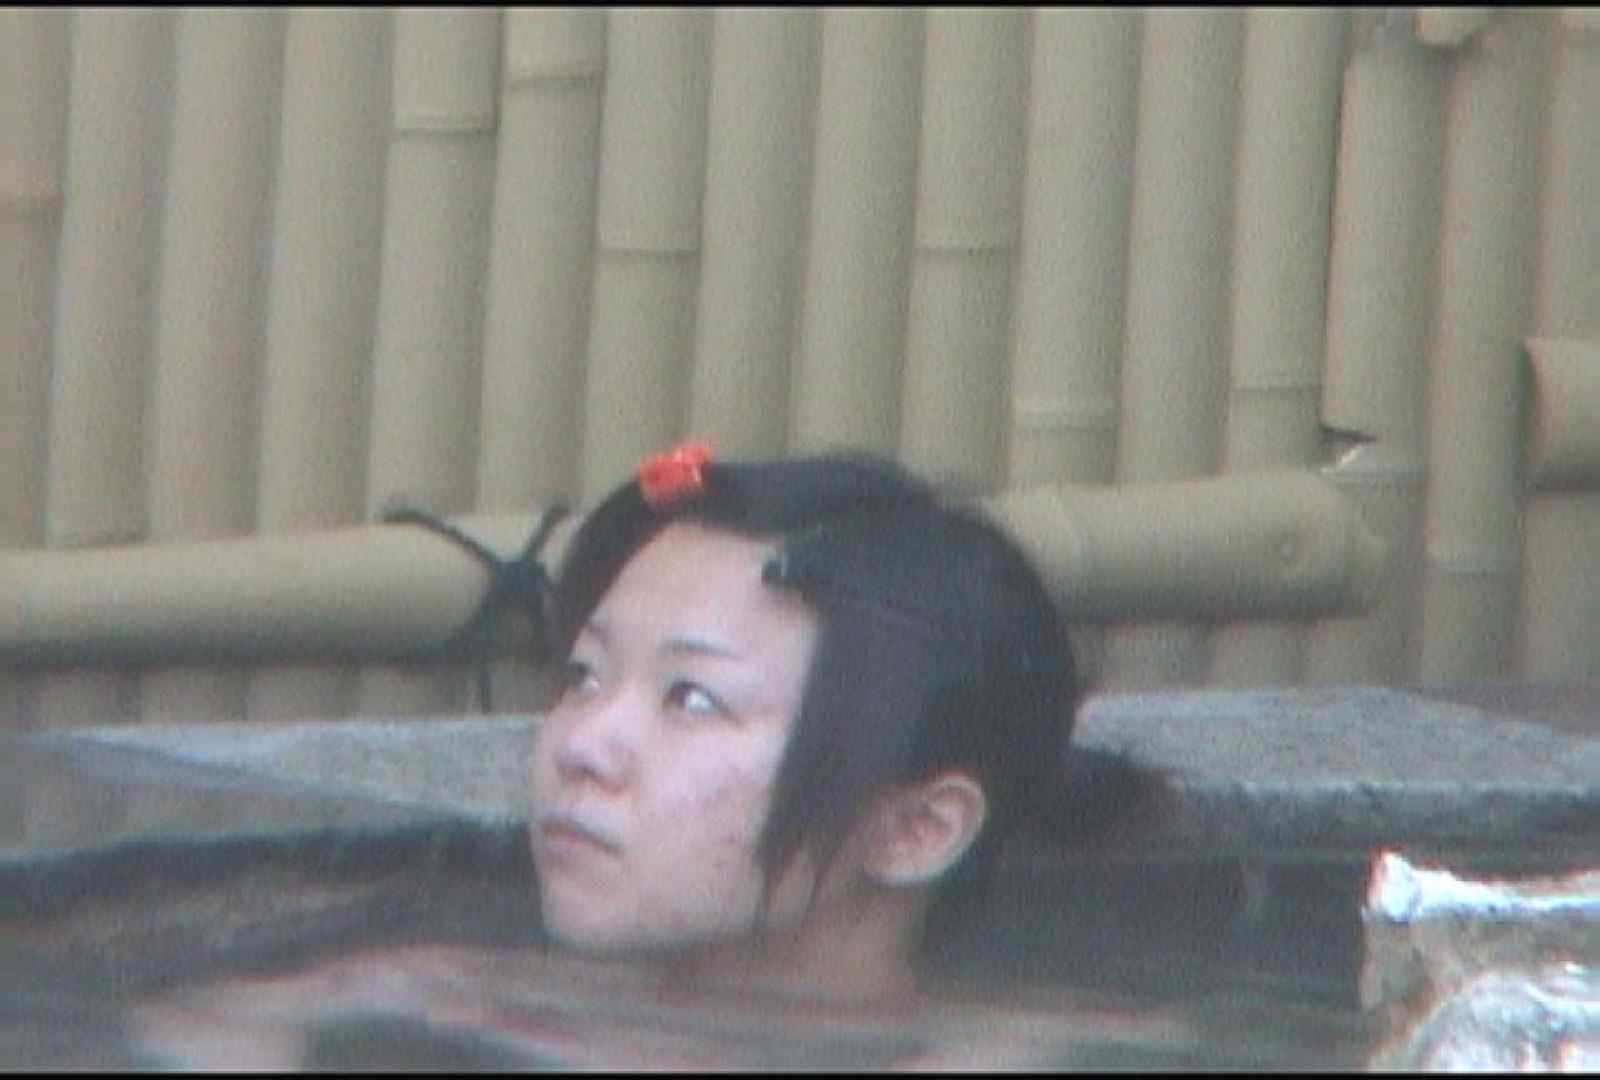 Aquaな露天風呂Vol.175 OLセックス 盗み撮りAV無料動画キャプチャ 77画像 44